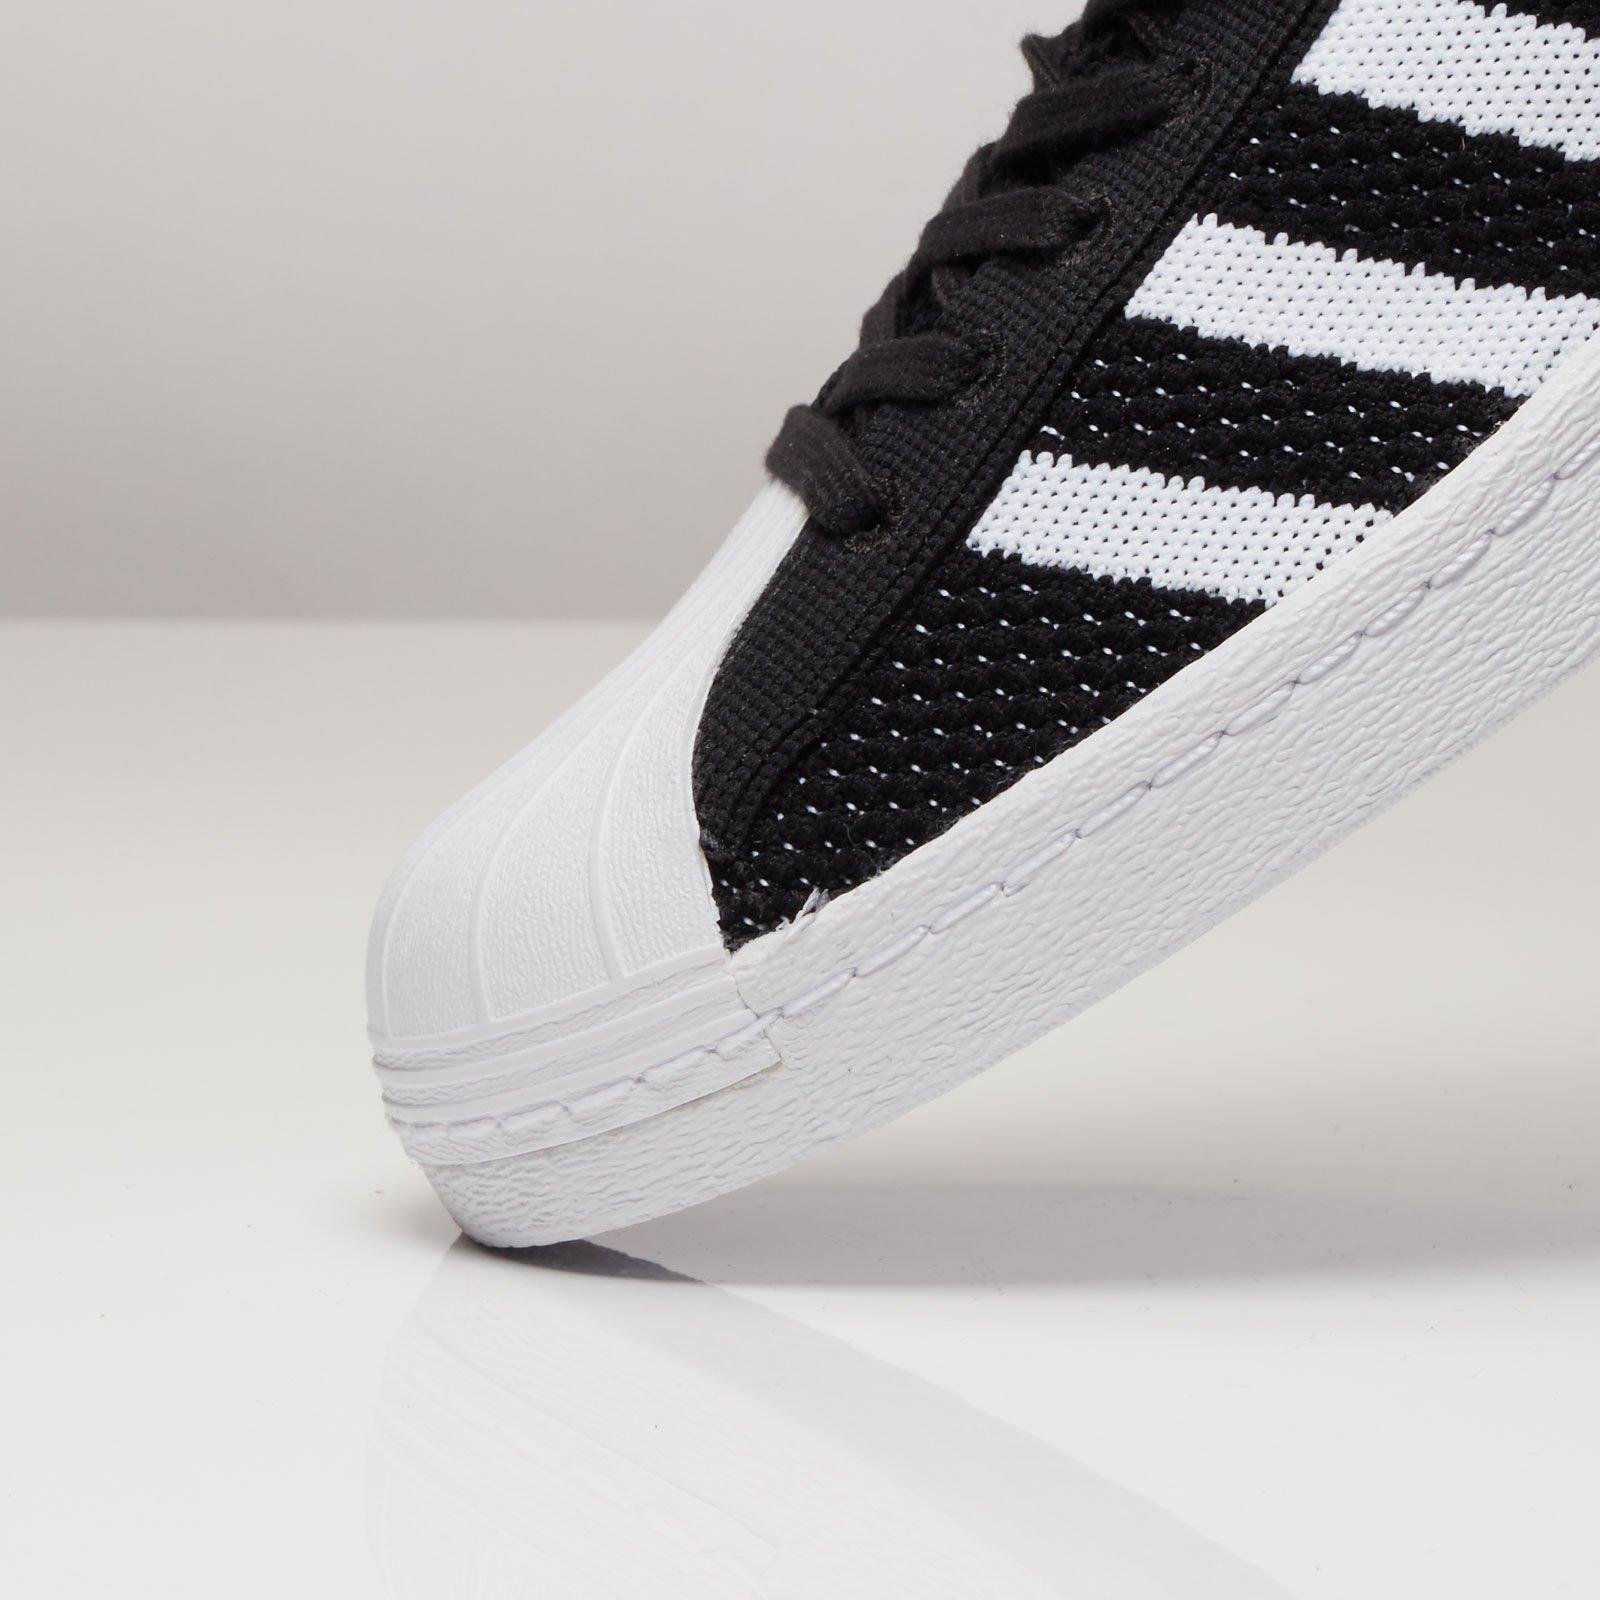 adidas Wmns Superstar 80s PK - Aq2881